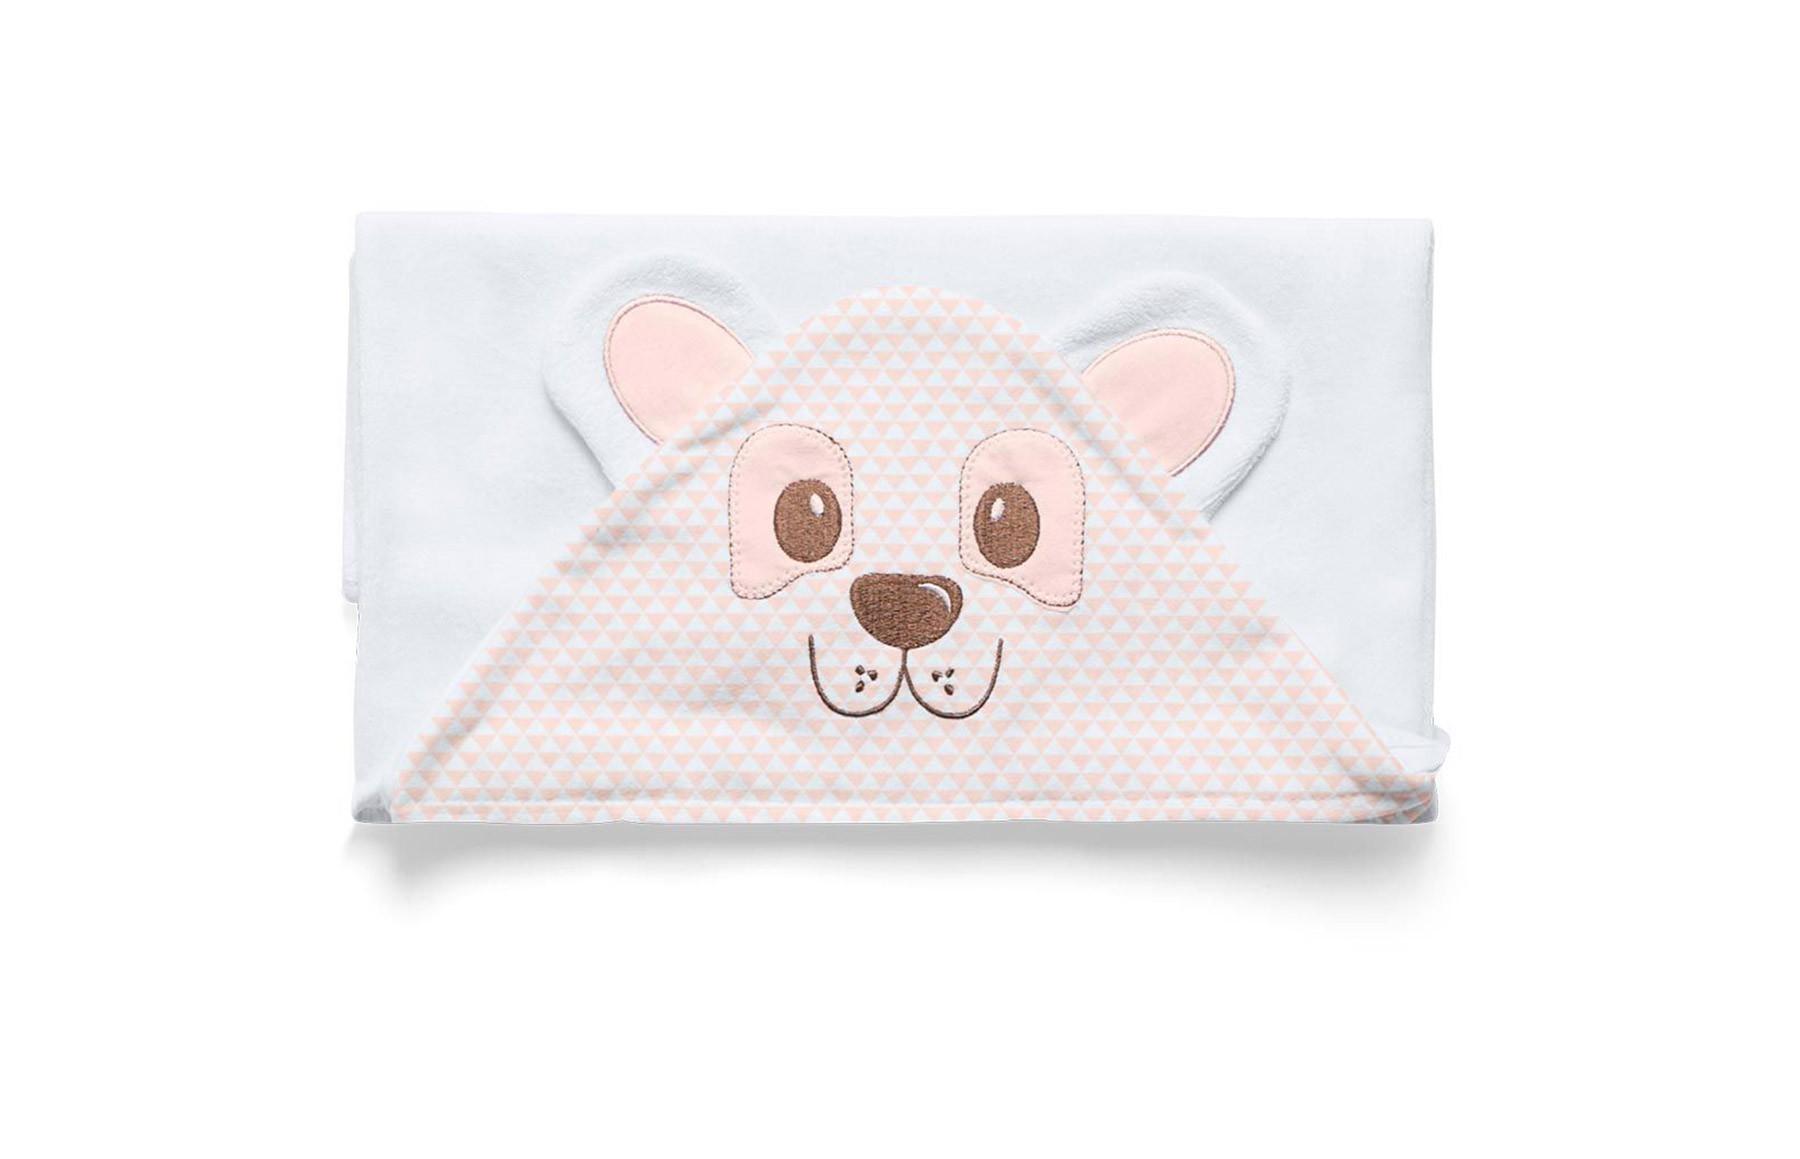 Toalha De Banho Premium Acessórios Rosa